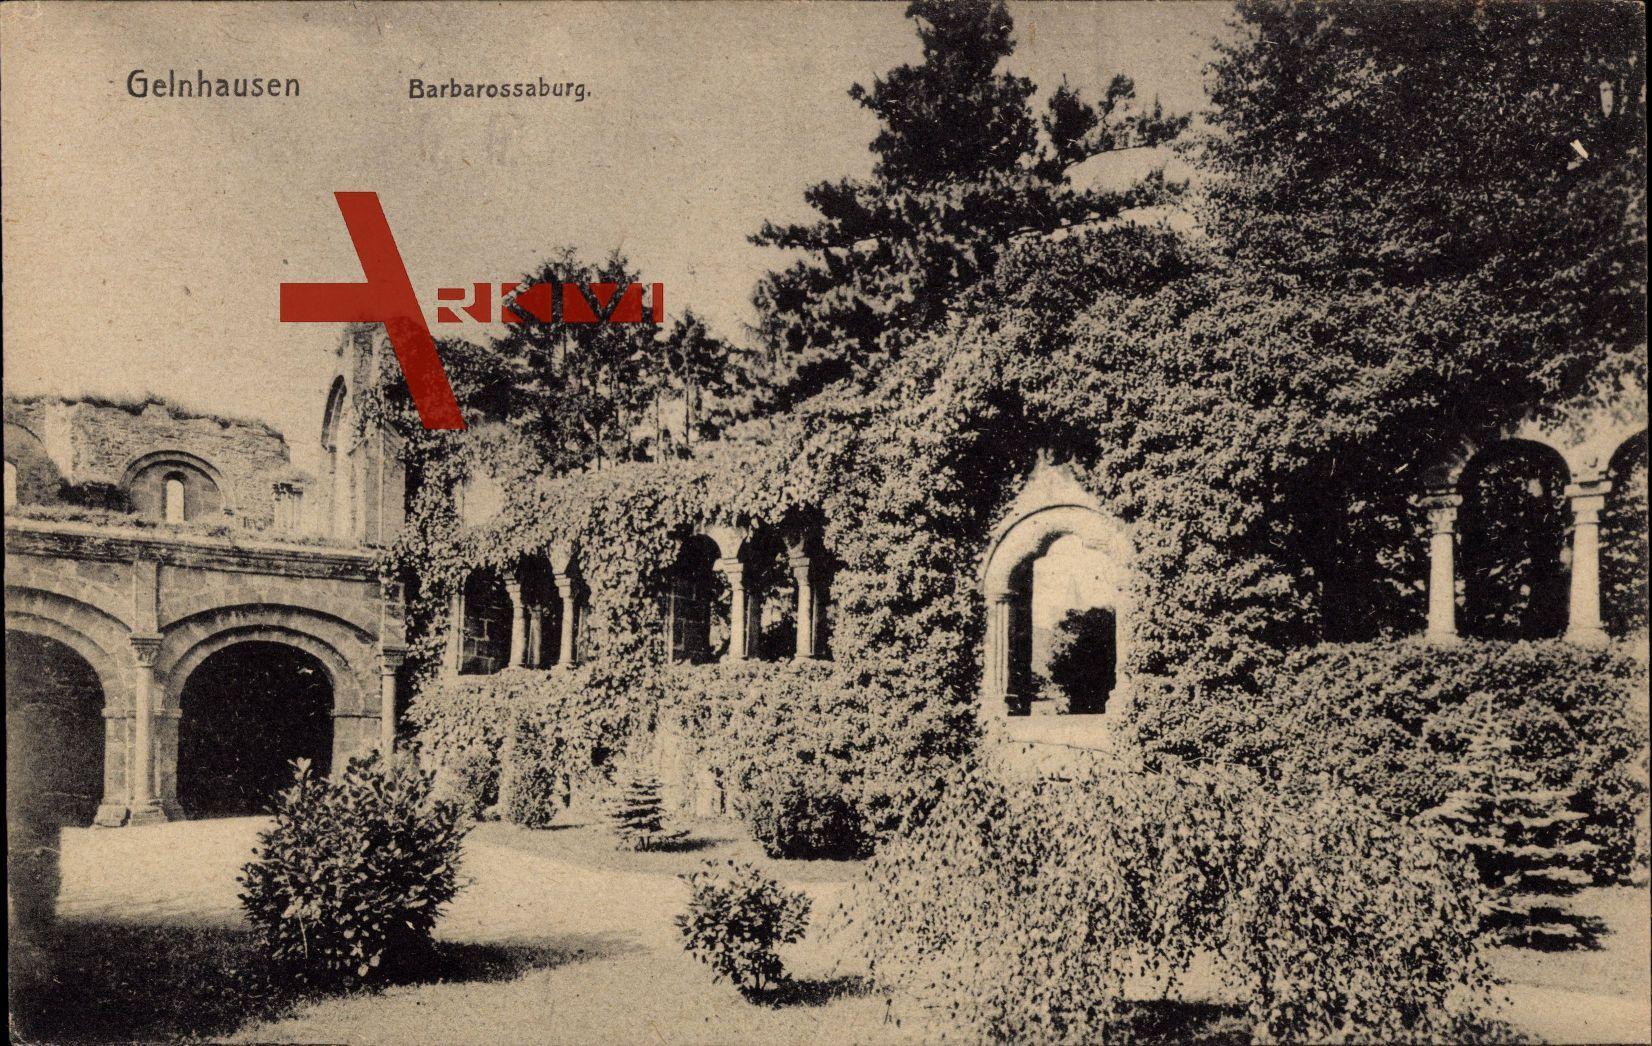 Gelnhausen, Teilansicht der Barbarossaburg, Rankenbewuchs, Ruine